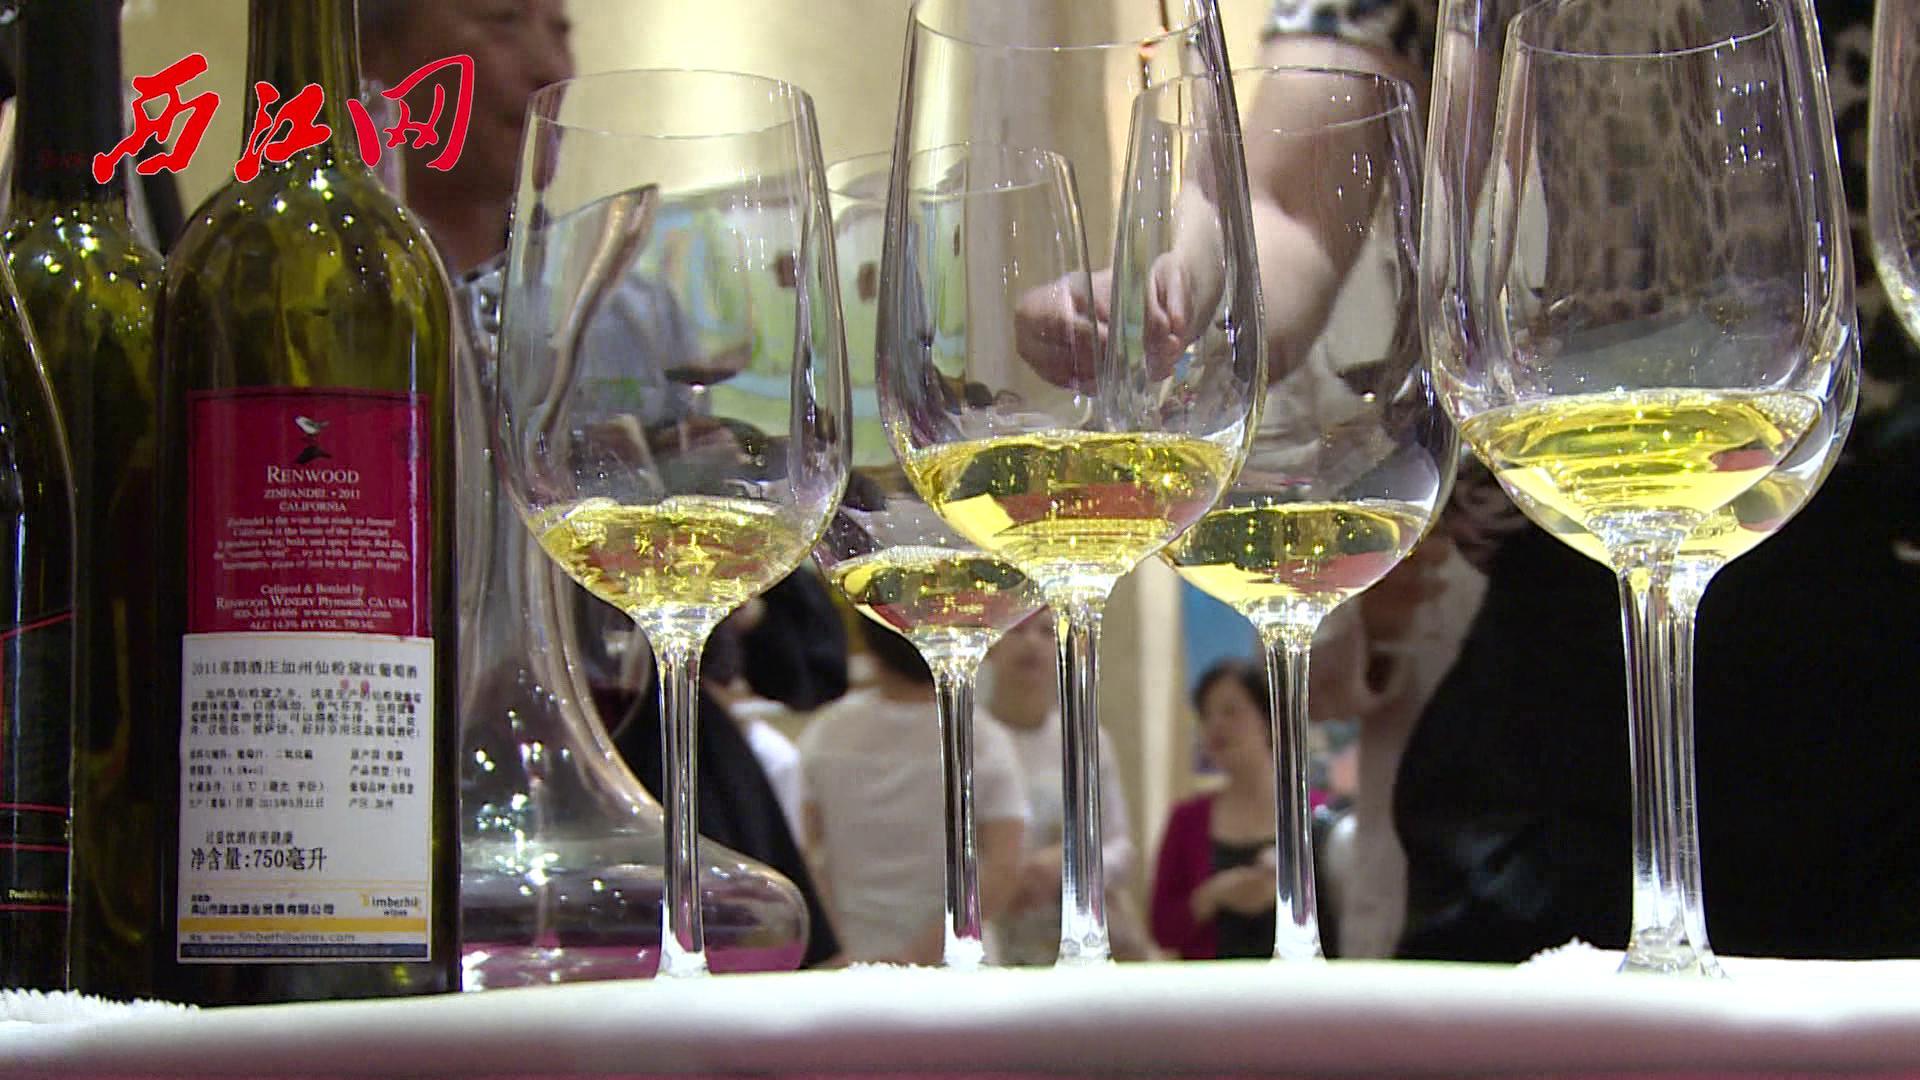 肇庆台湾城举办品酒会 打造高端圈层